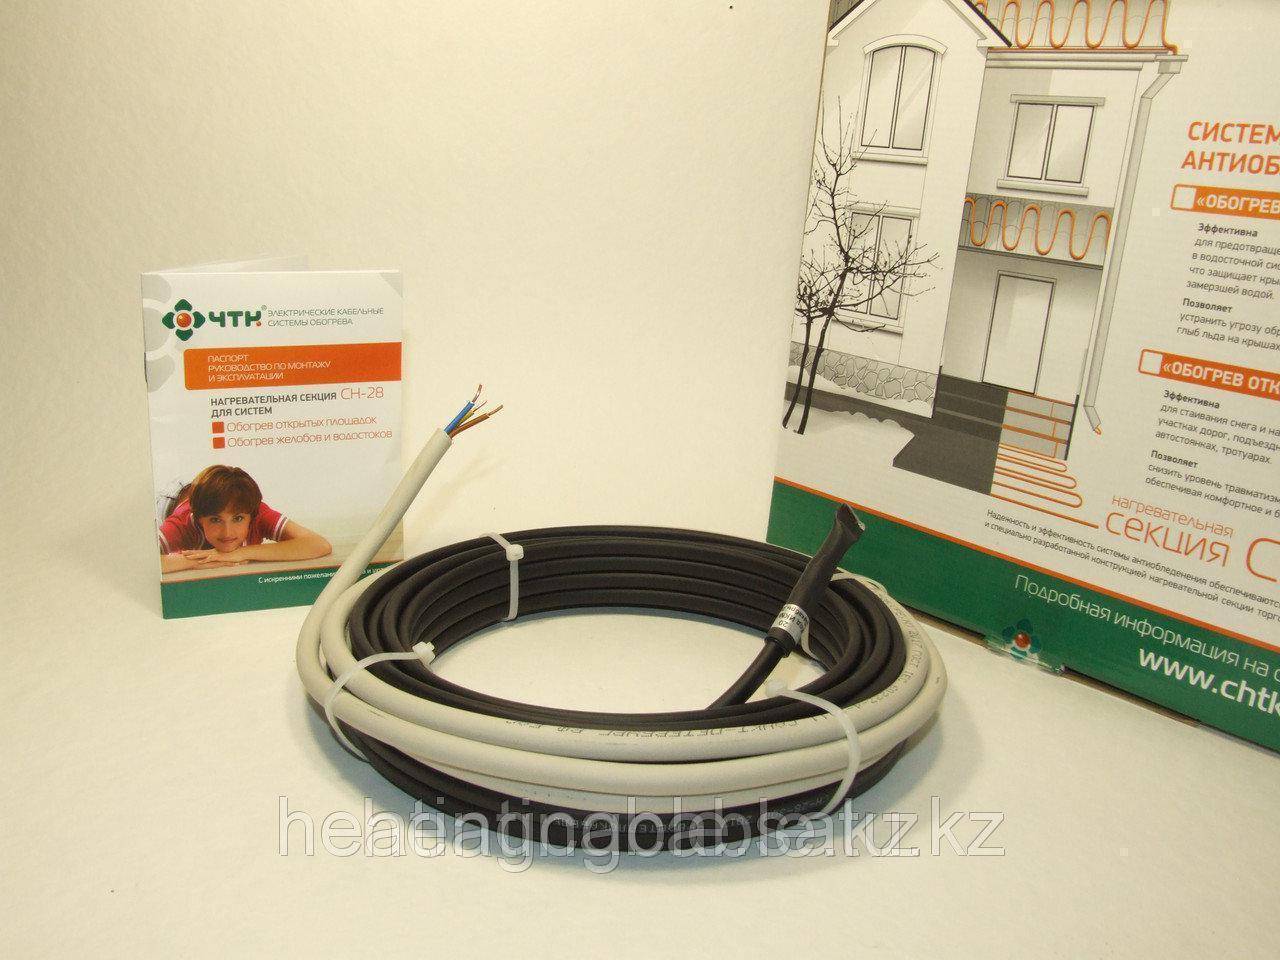 Нагревательный кабель СН-28 42м-1176Вт